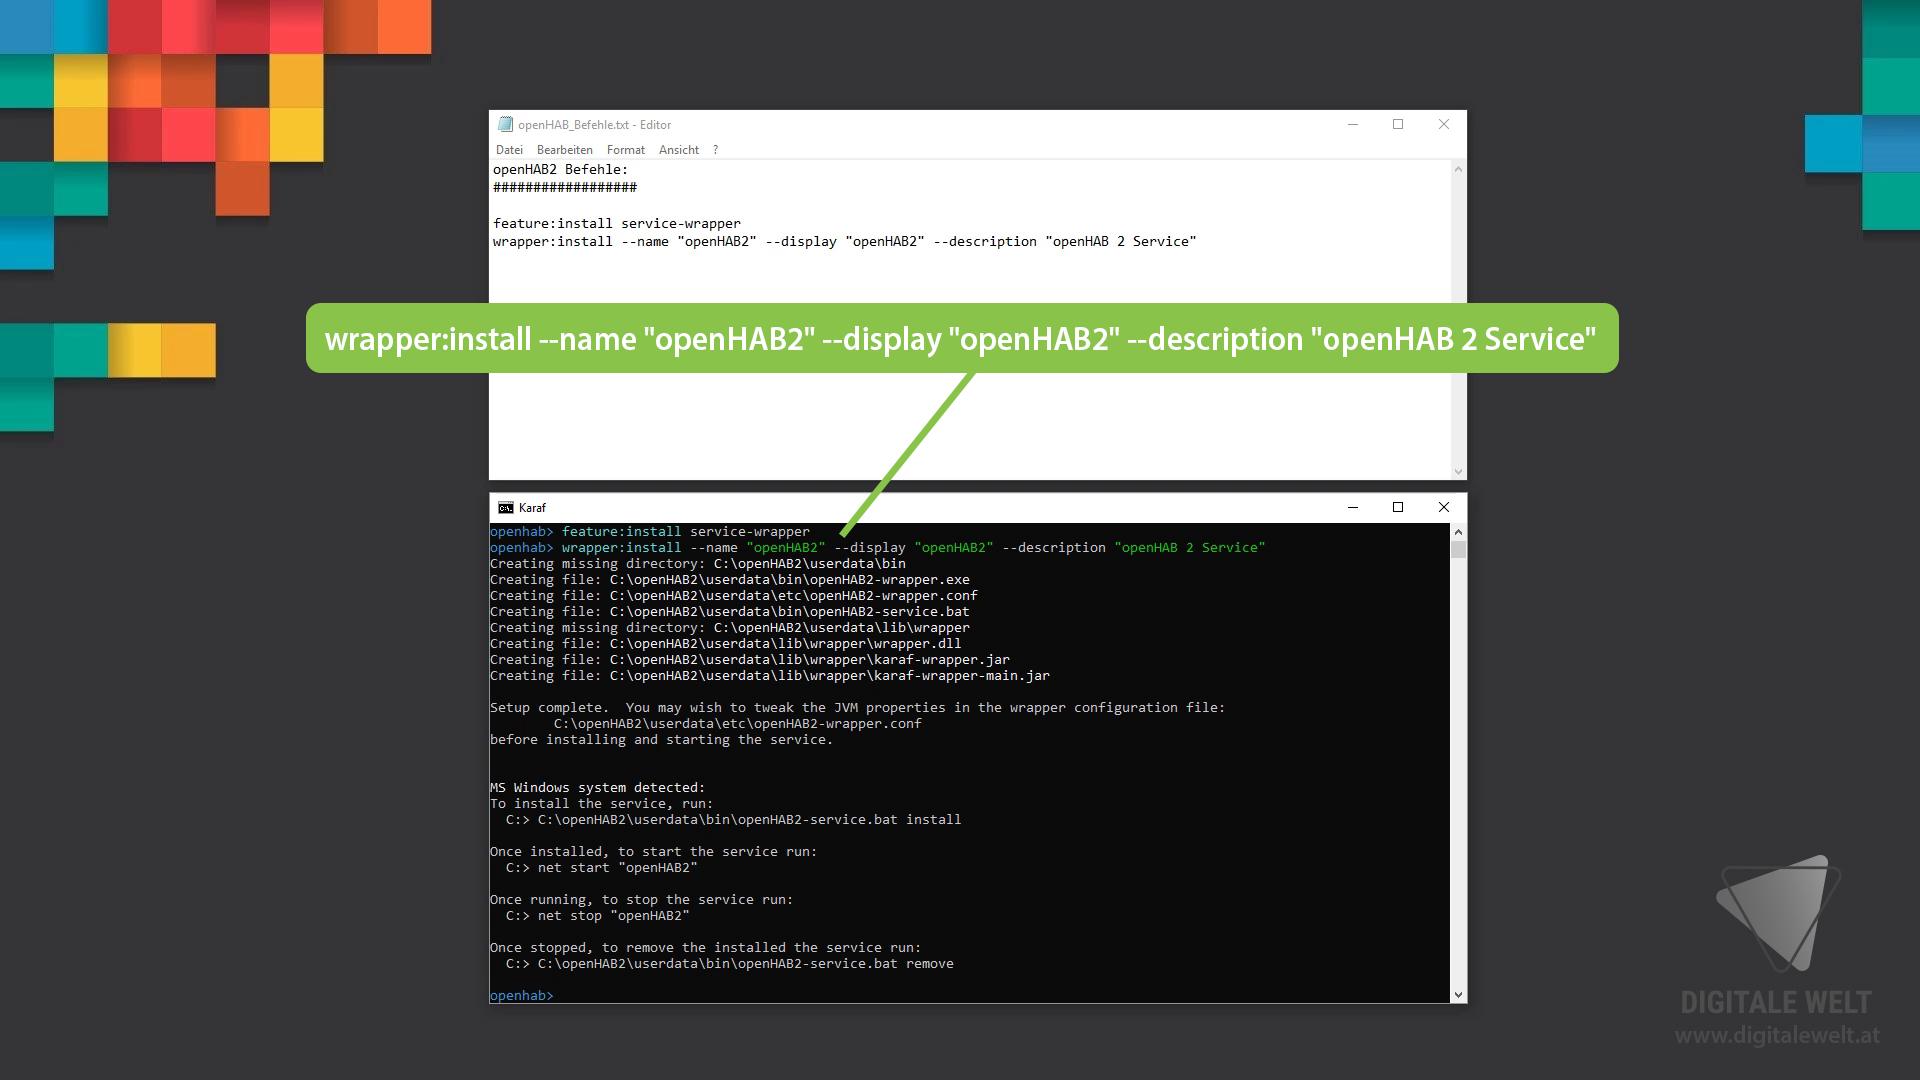 openHAB 2 Windows - Befehl 2 (DigitaleWelt)